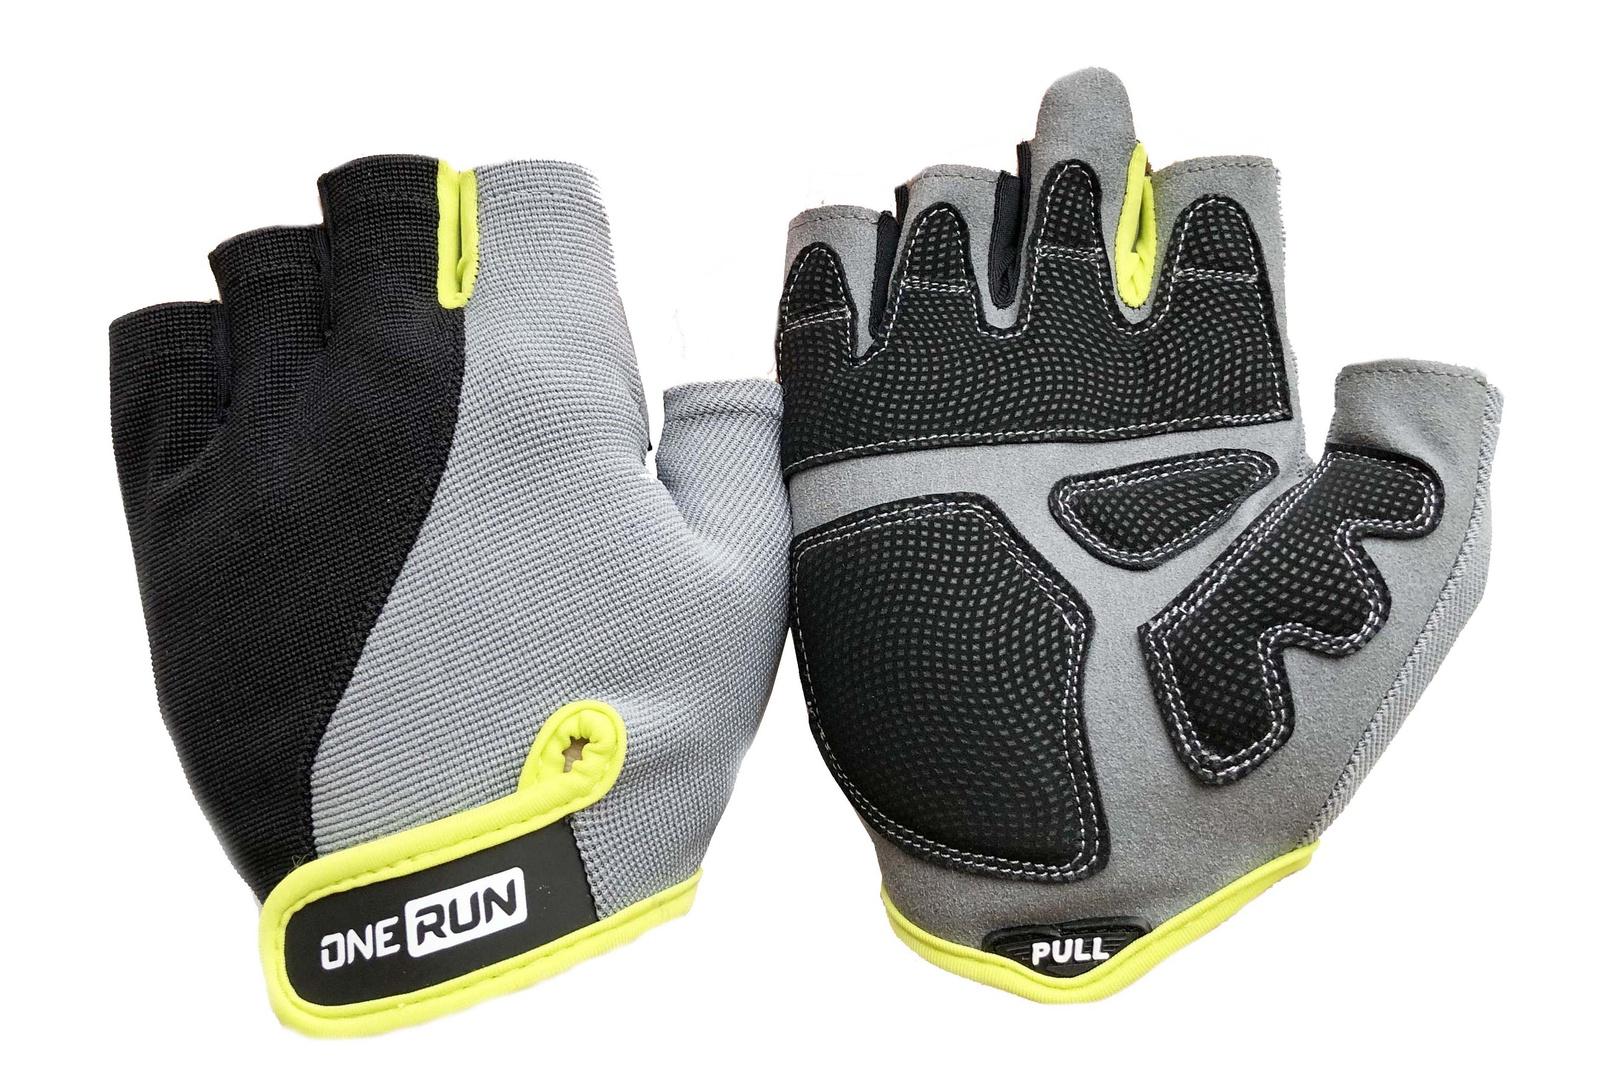 Перчатки для фитнеса OneRun мужские, 16-1562F-S, салатовый, серый, черный, размер S перчатки мужские сплав catch цвет черный 1581320 размер 8